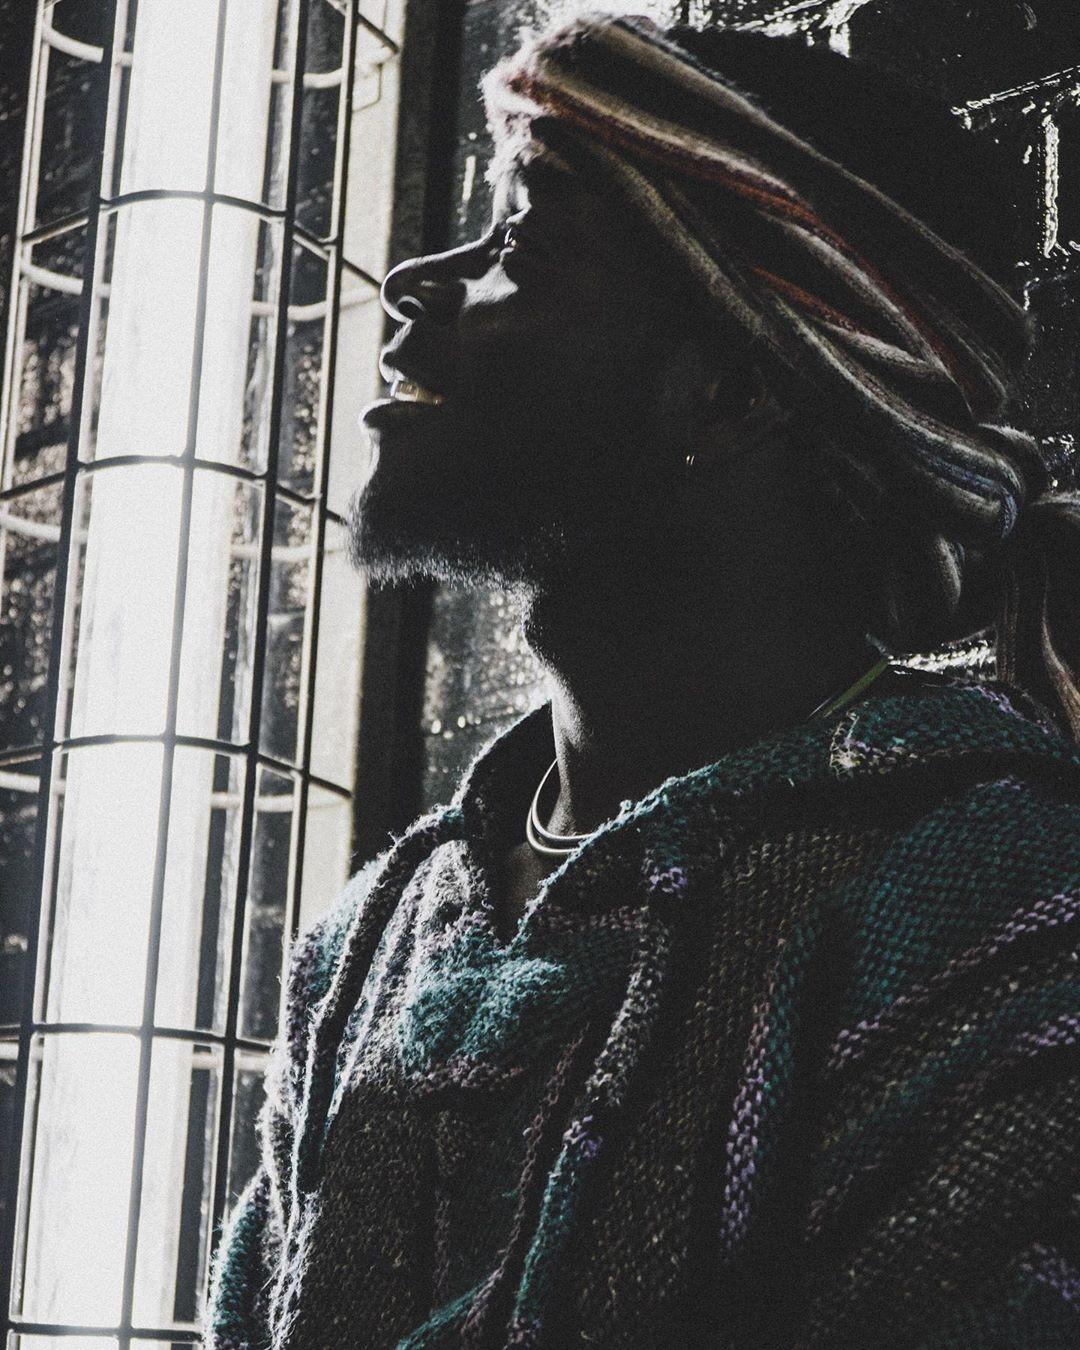 B4Bonah – Kpeme Ft Mugeez (R2Bees)